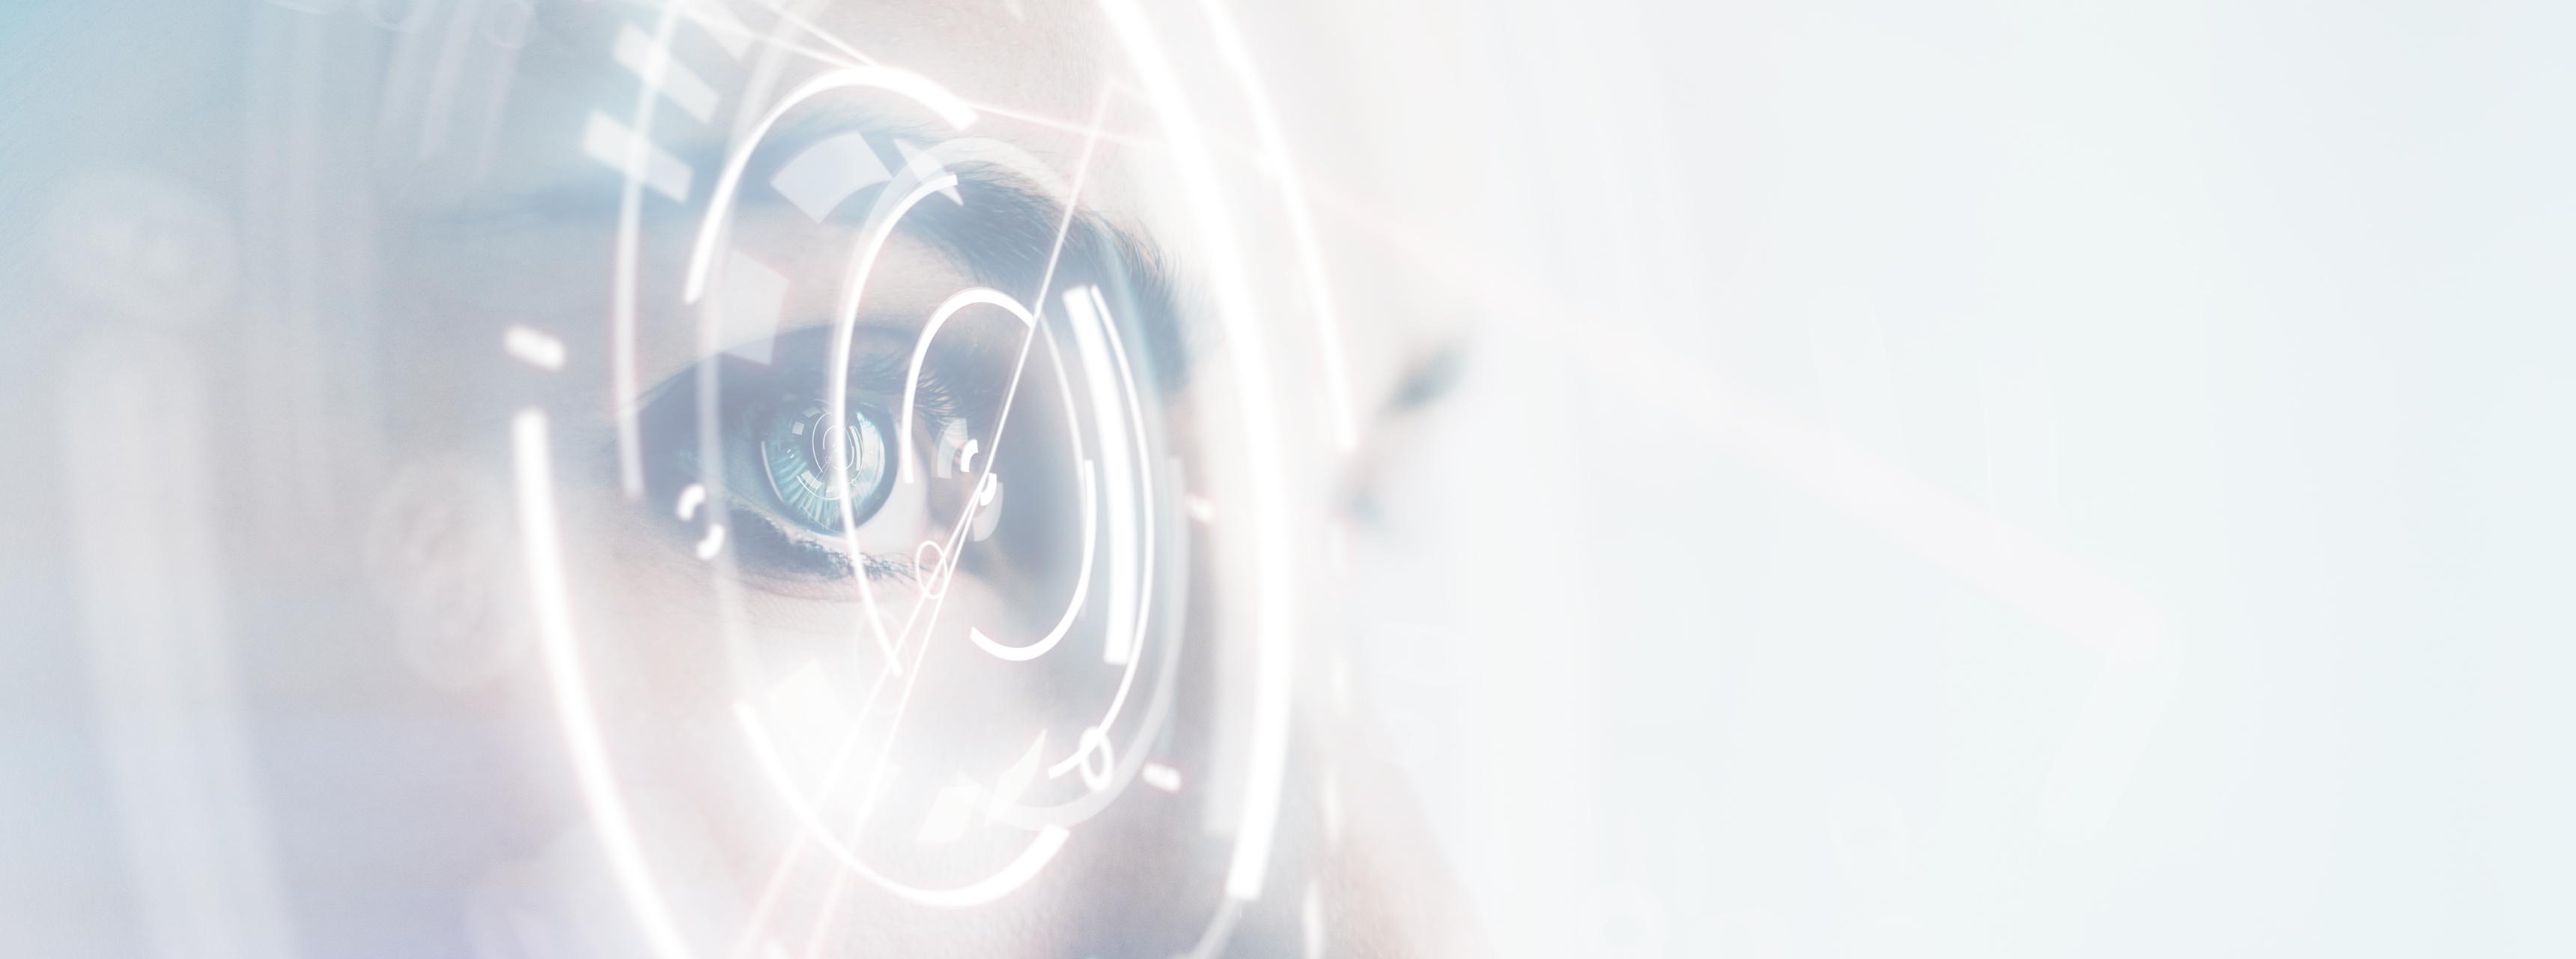 online szemvizsgálat diagnózissal myopia mínusz egy kezelés